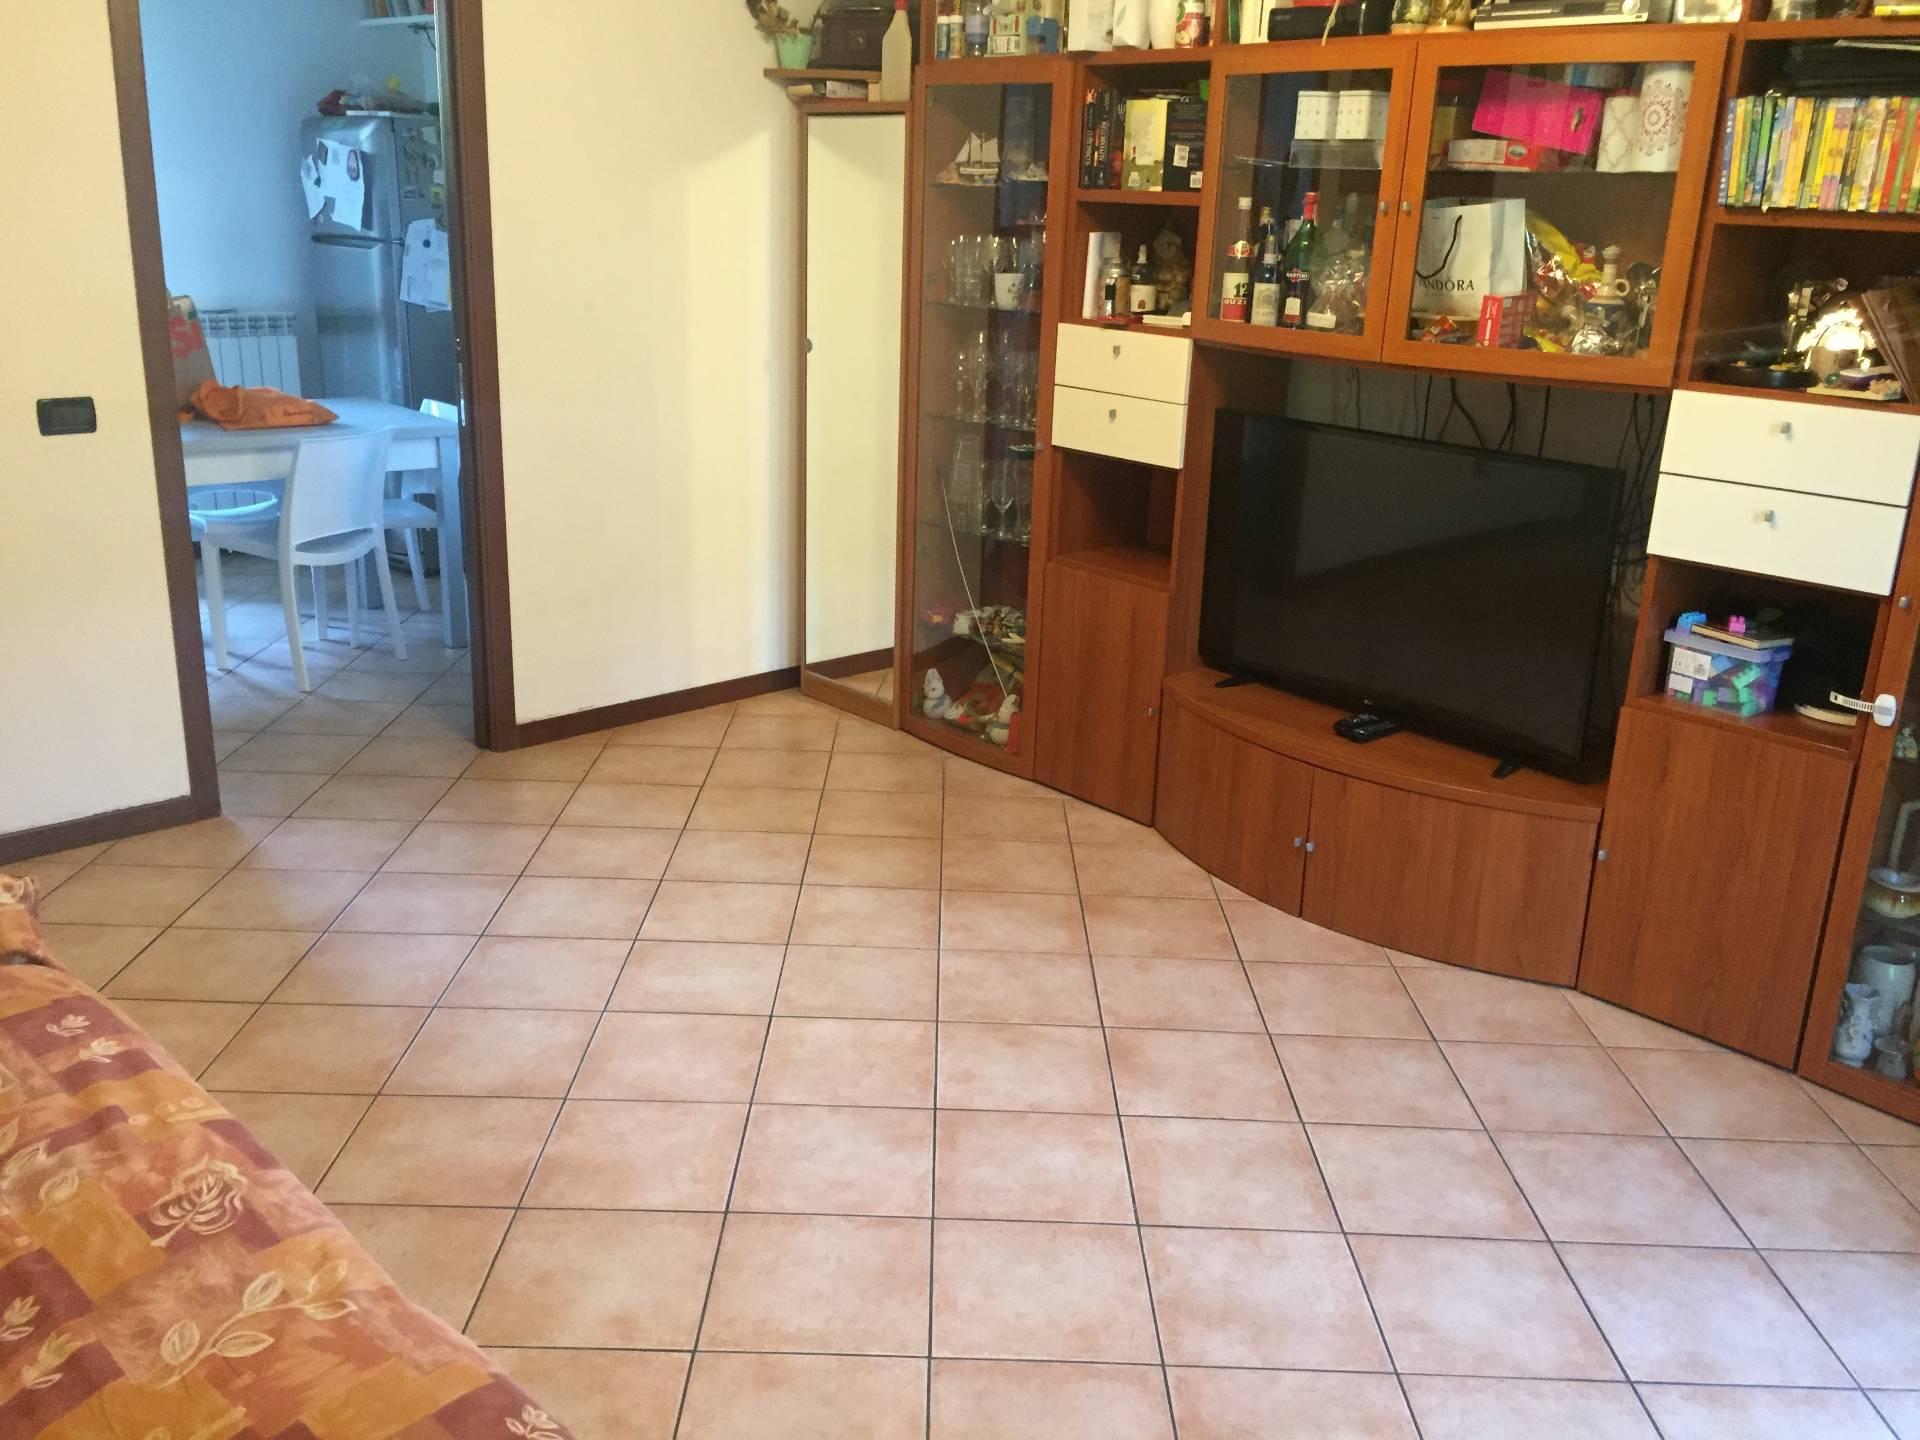 Appartamento in vendita a Bornasco, 3 locali, zona Località: Gualdrasco, prezzo € 119.000 | CambioCasa.it